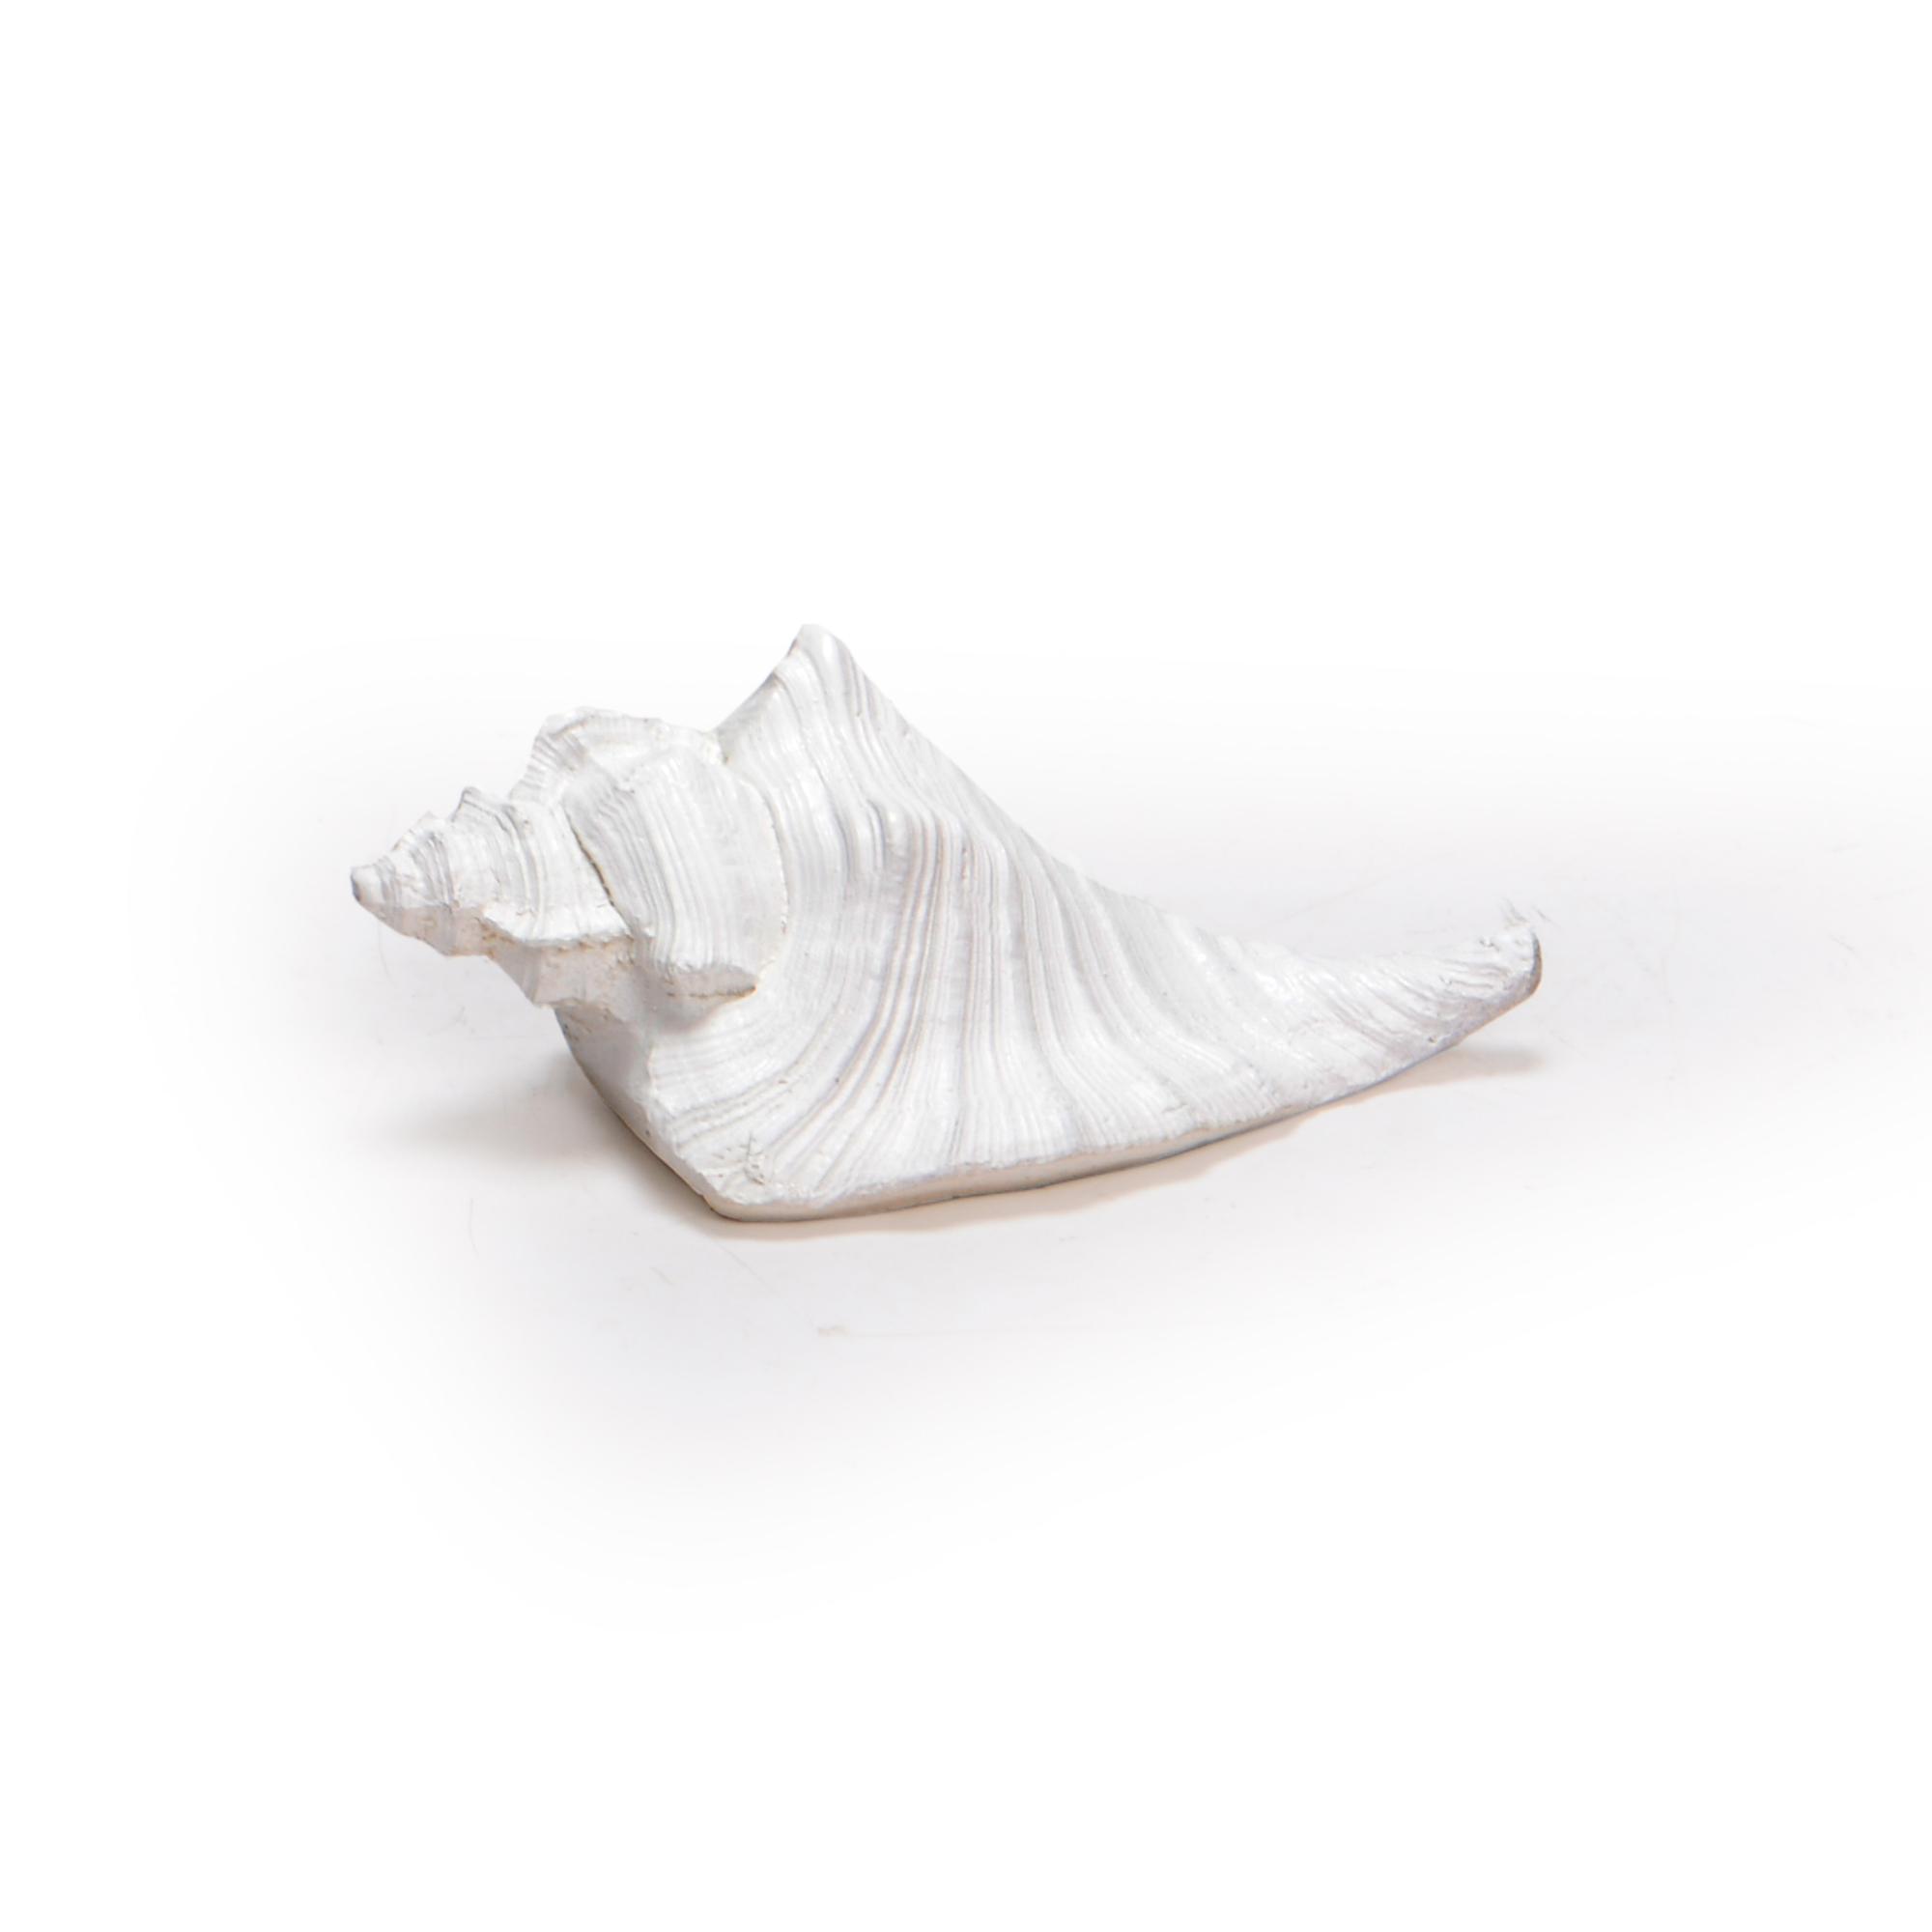 Concha de resina Branca